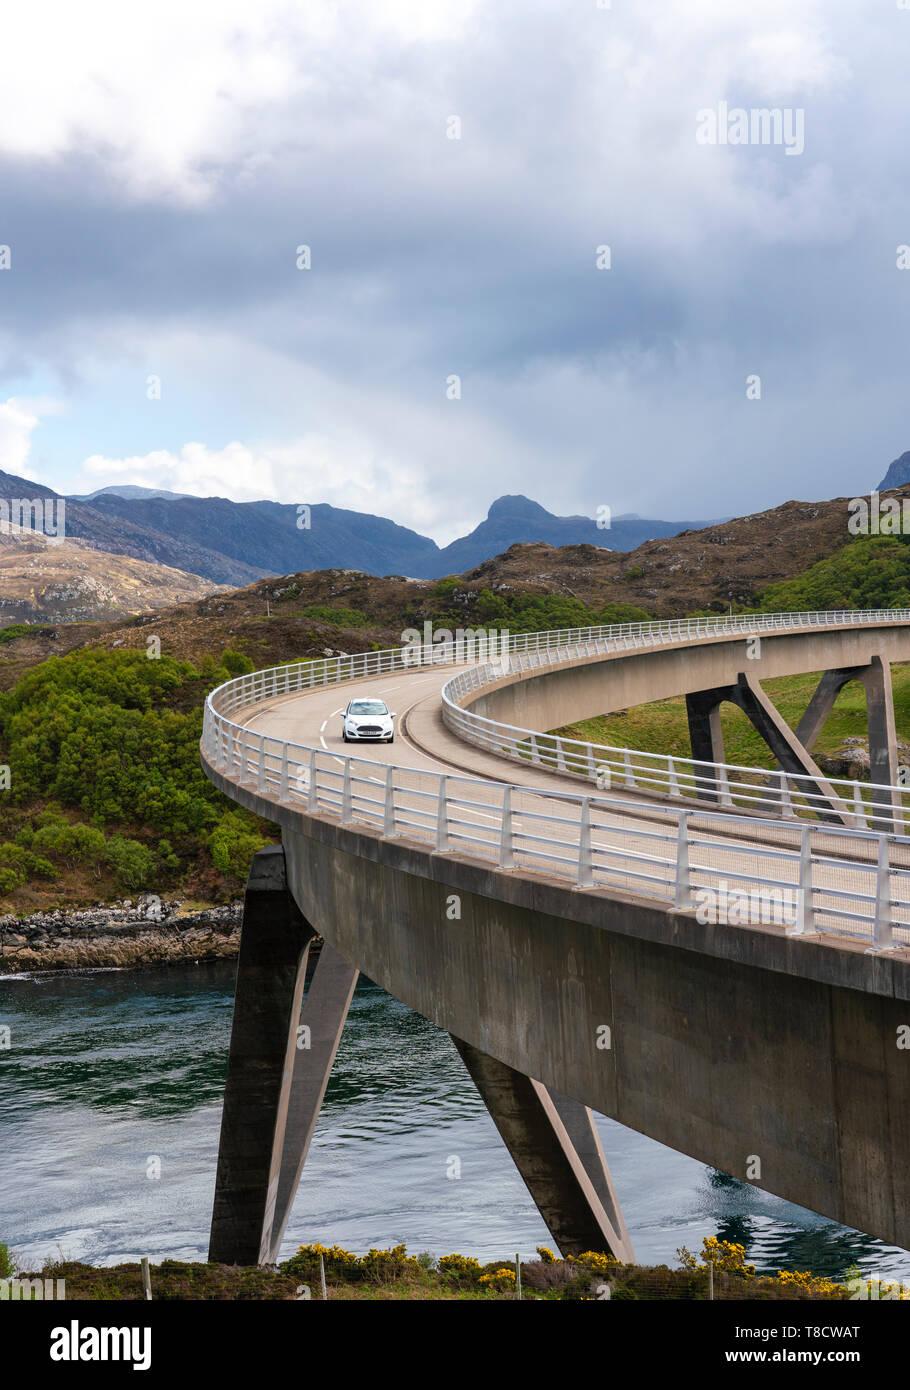 Kylesku Bridge sur la côte nord 500 route panoramique route in Sutherland, Highland, dans le nord de l'Ecosse, Royaume-Uni Banque D'Images